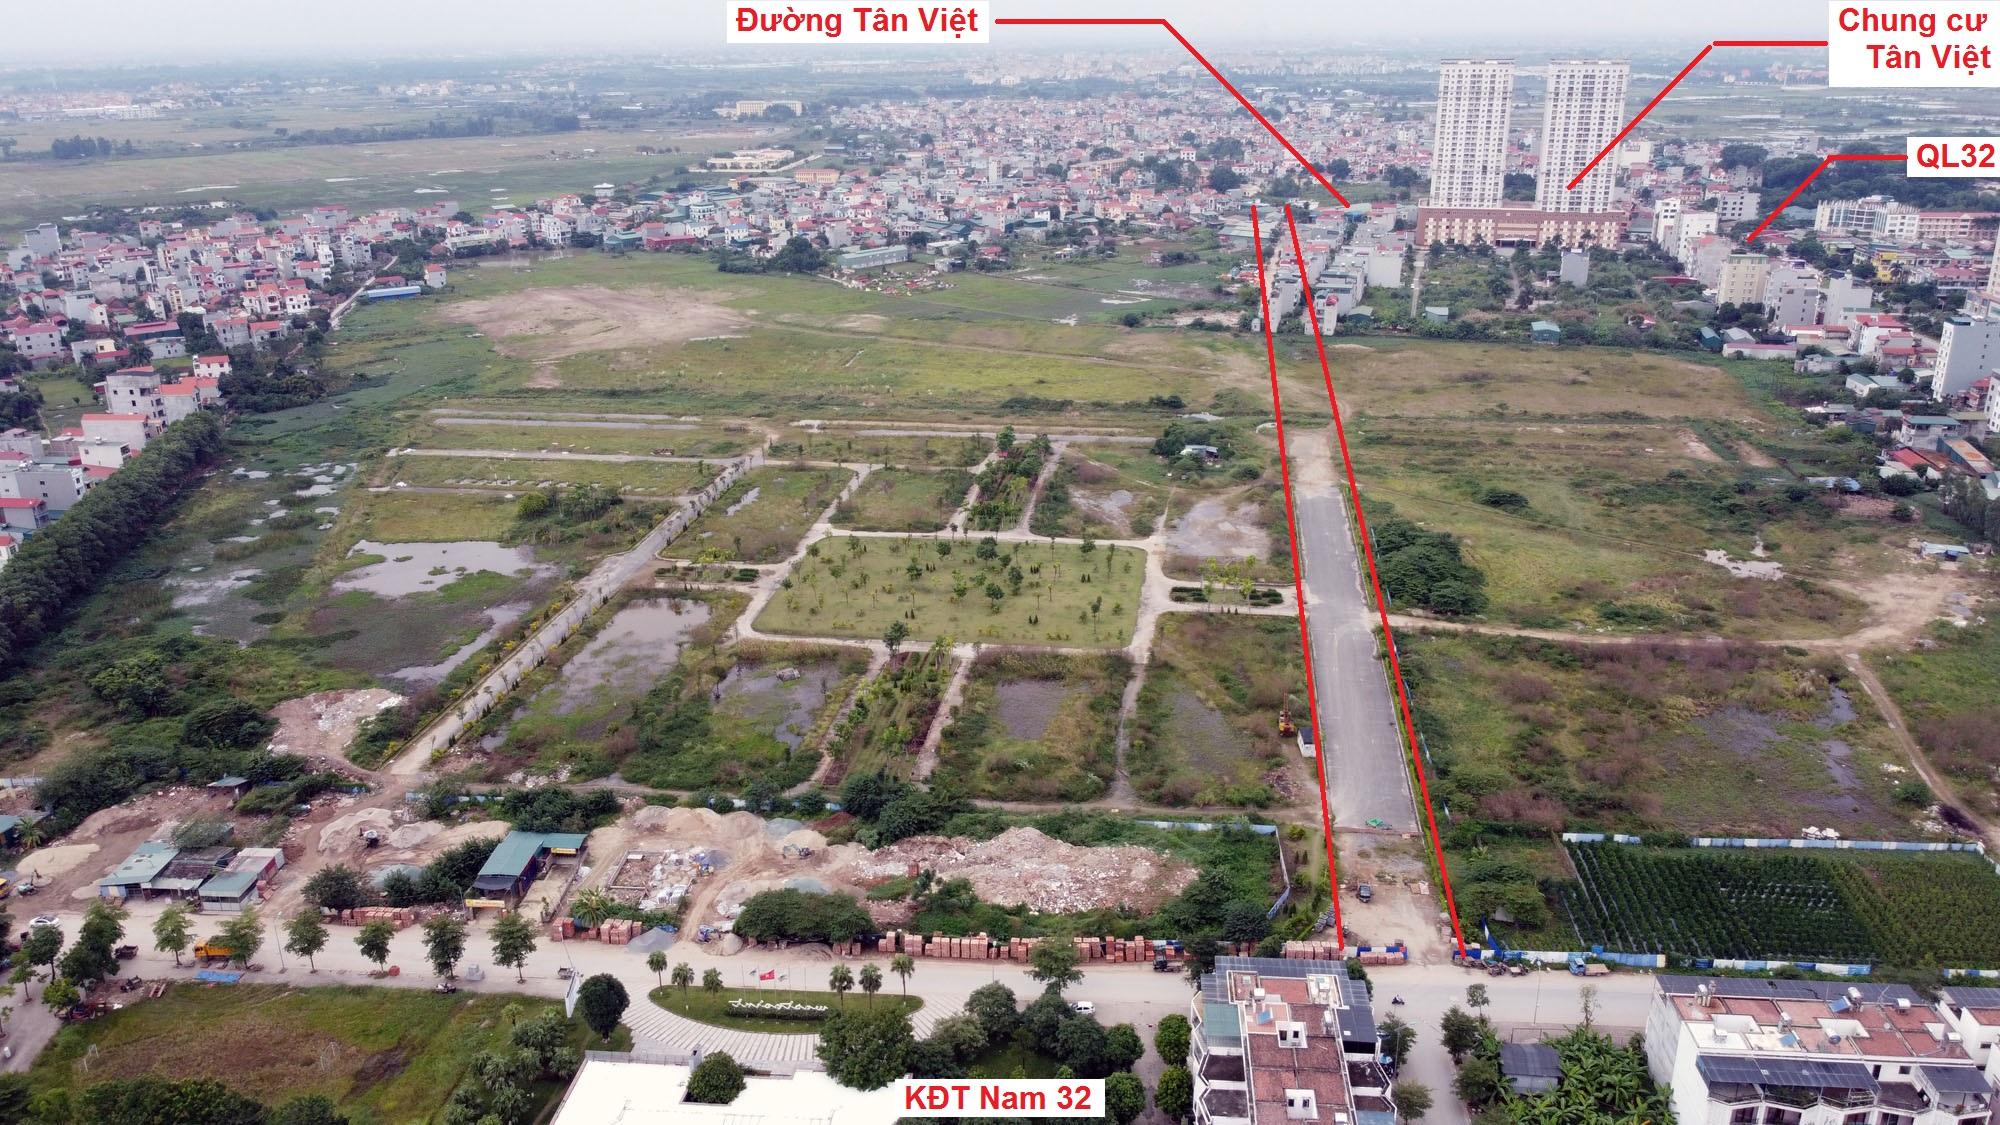 Ba đường sẽ mở theo quy hoạch ở xã Đức Giang, Hoài Đức, Hà Nội - Ảnh 3.